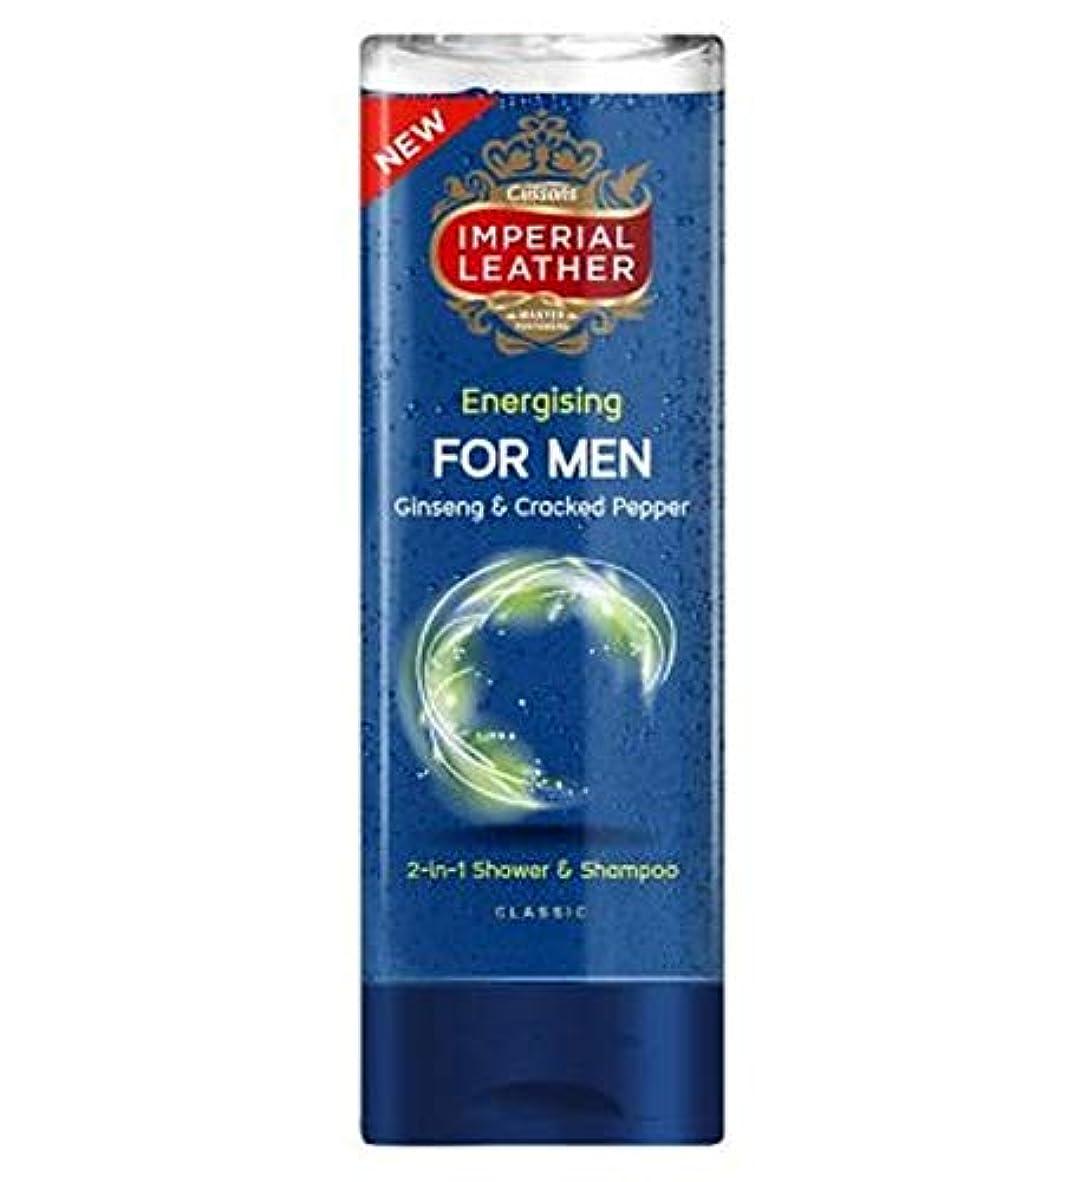 繕うビーム熟読する[Imperial Leather] 男性用シャワー250ミリリットルのための帝国革 - Imperial Leather For Men Shower 250ml [並行輸入品]